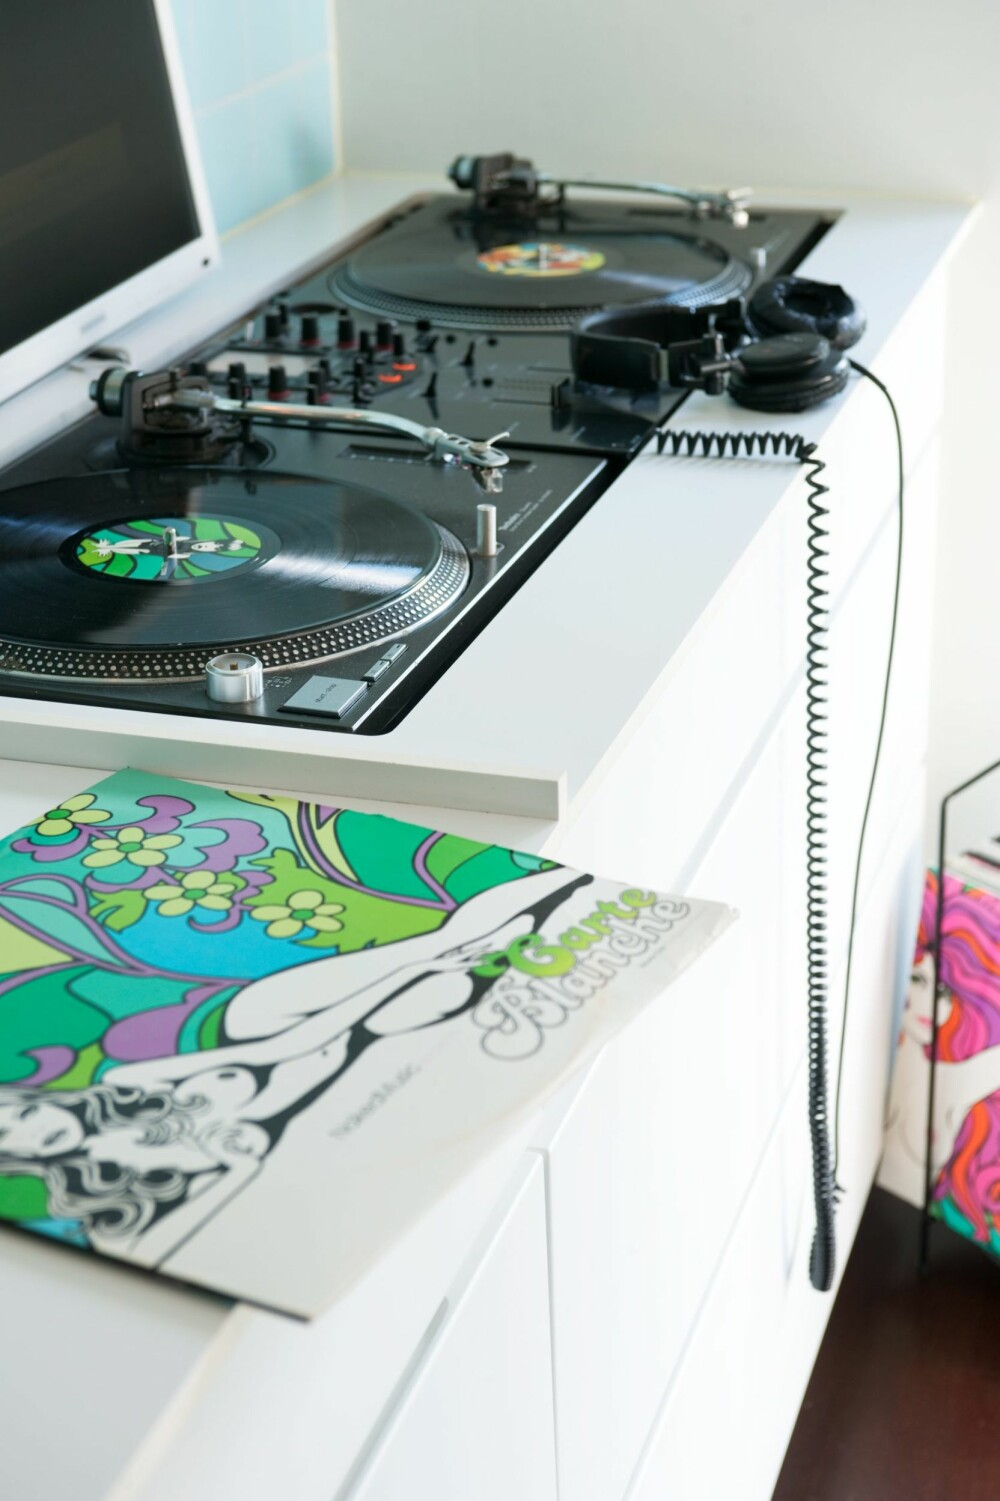 MIKSEHJØRNET: Paret har etablert en dj-stasjon i enden av kjøkkenbenken. All musikk styres herfra, også når det ikke er party på gang.